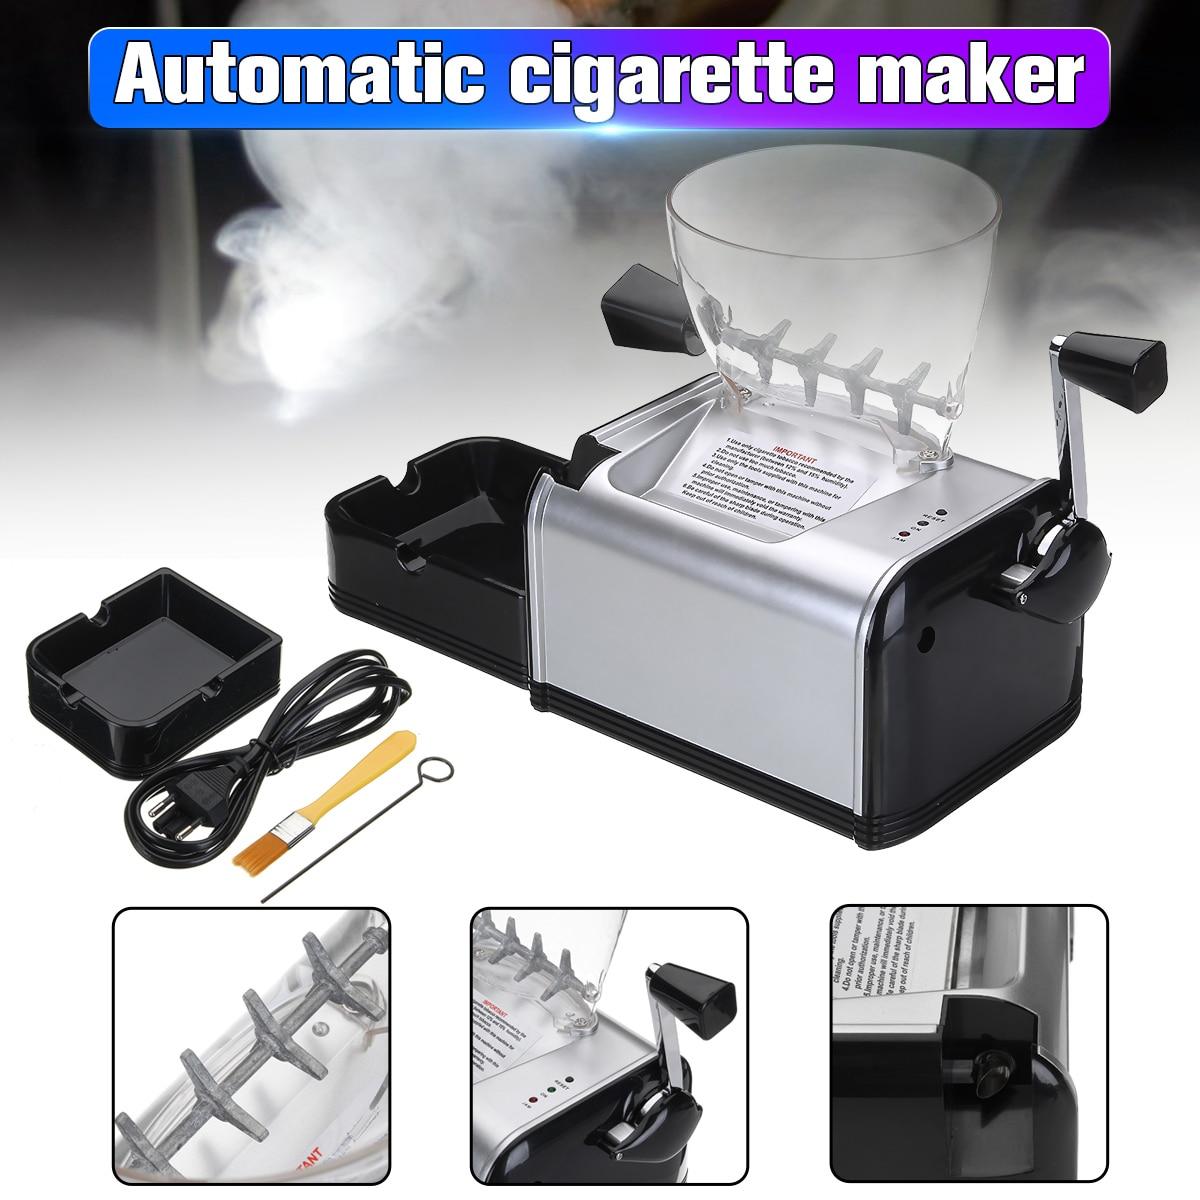 Elettrico automatico Che Fa La Macchina di Laminazione di Sigarette Macchina Tabacco Elettronico Degli Iniettori Maker Roller Facile Portatile Strumento di Fumare